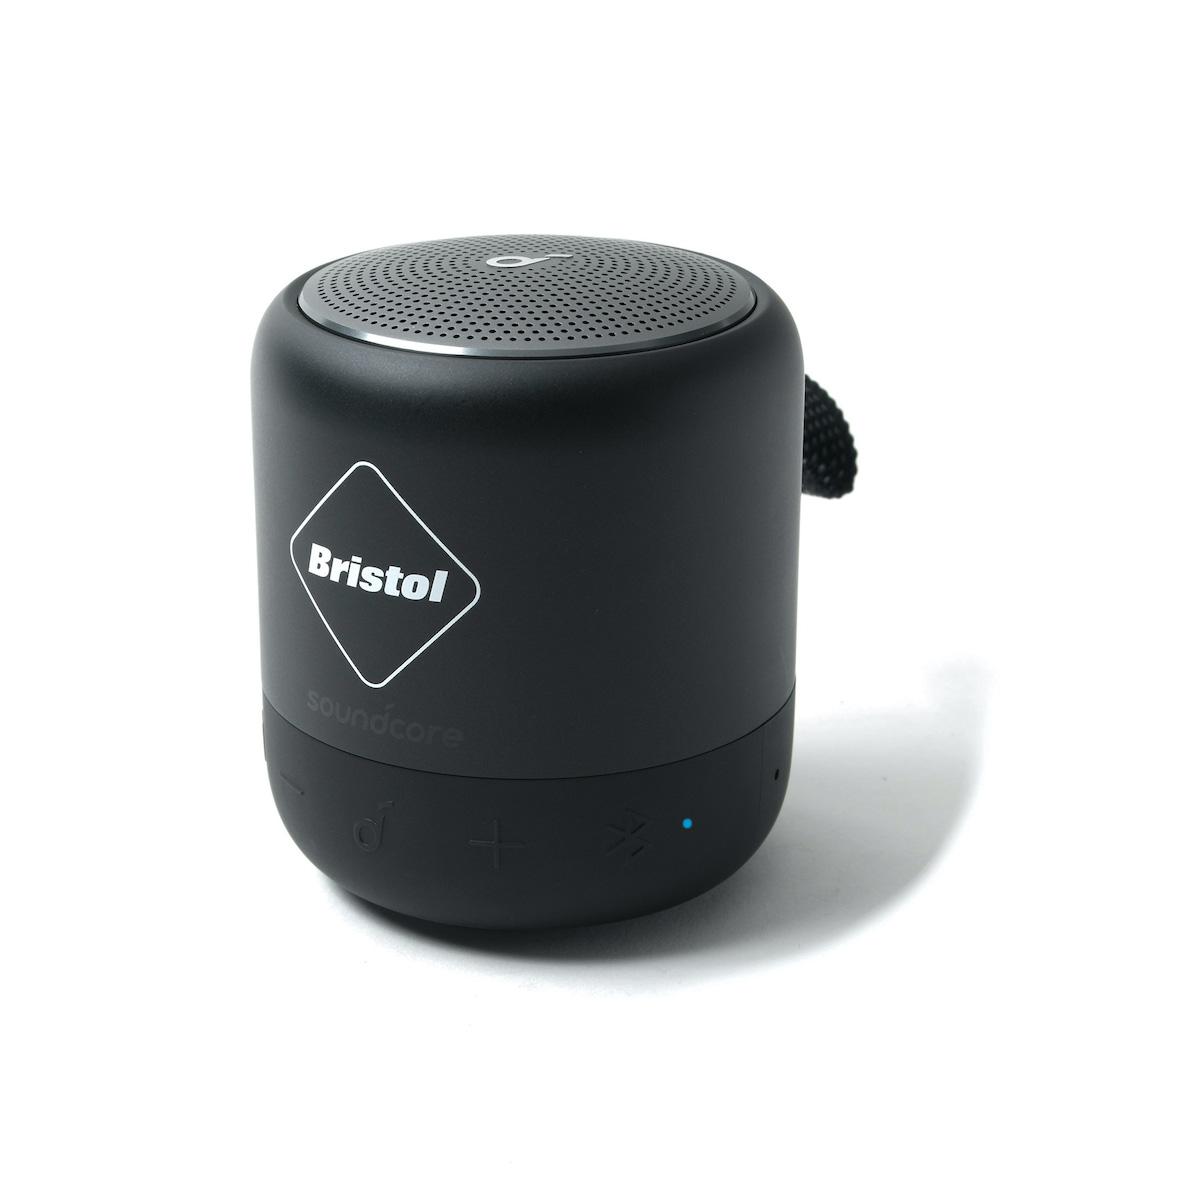 F.C.Real Bristol / Anker Soundcore Mini 3